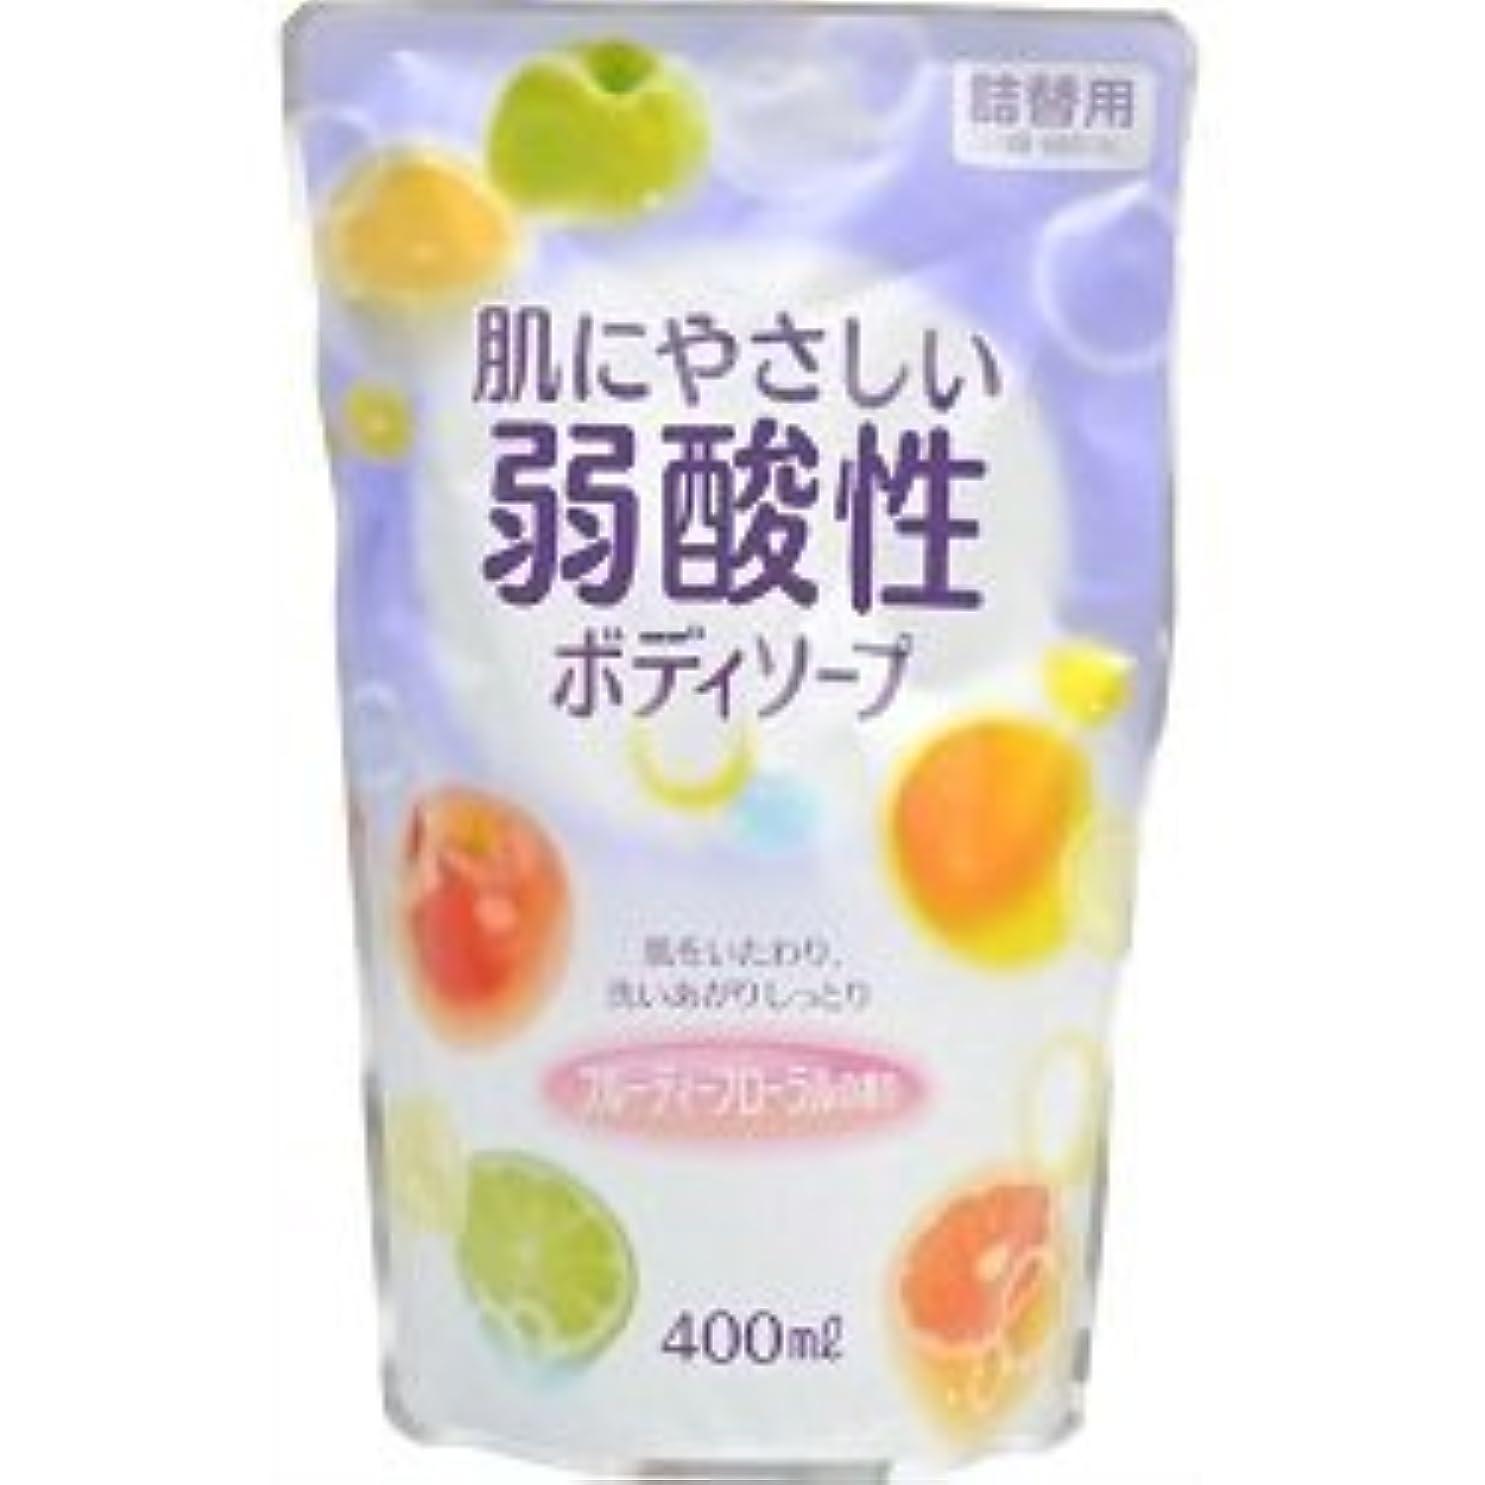 地下室小康一過性【エオリア】弱酸性ボディソープ フルーティフローラルの香り 詰替用 400ml ×5個セット